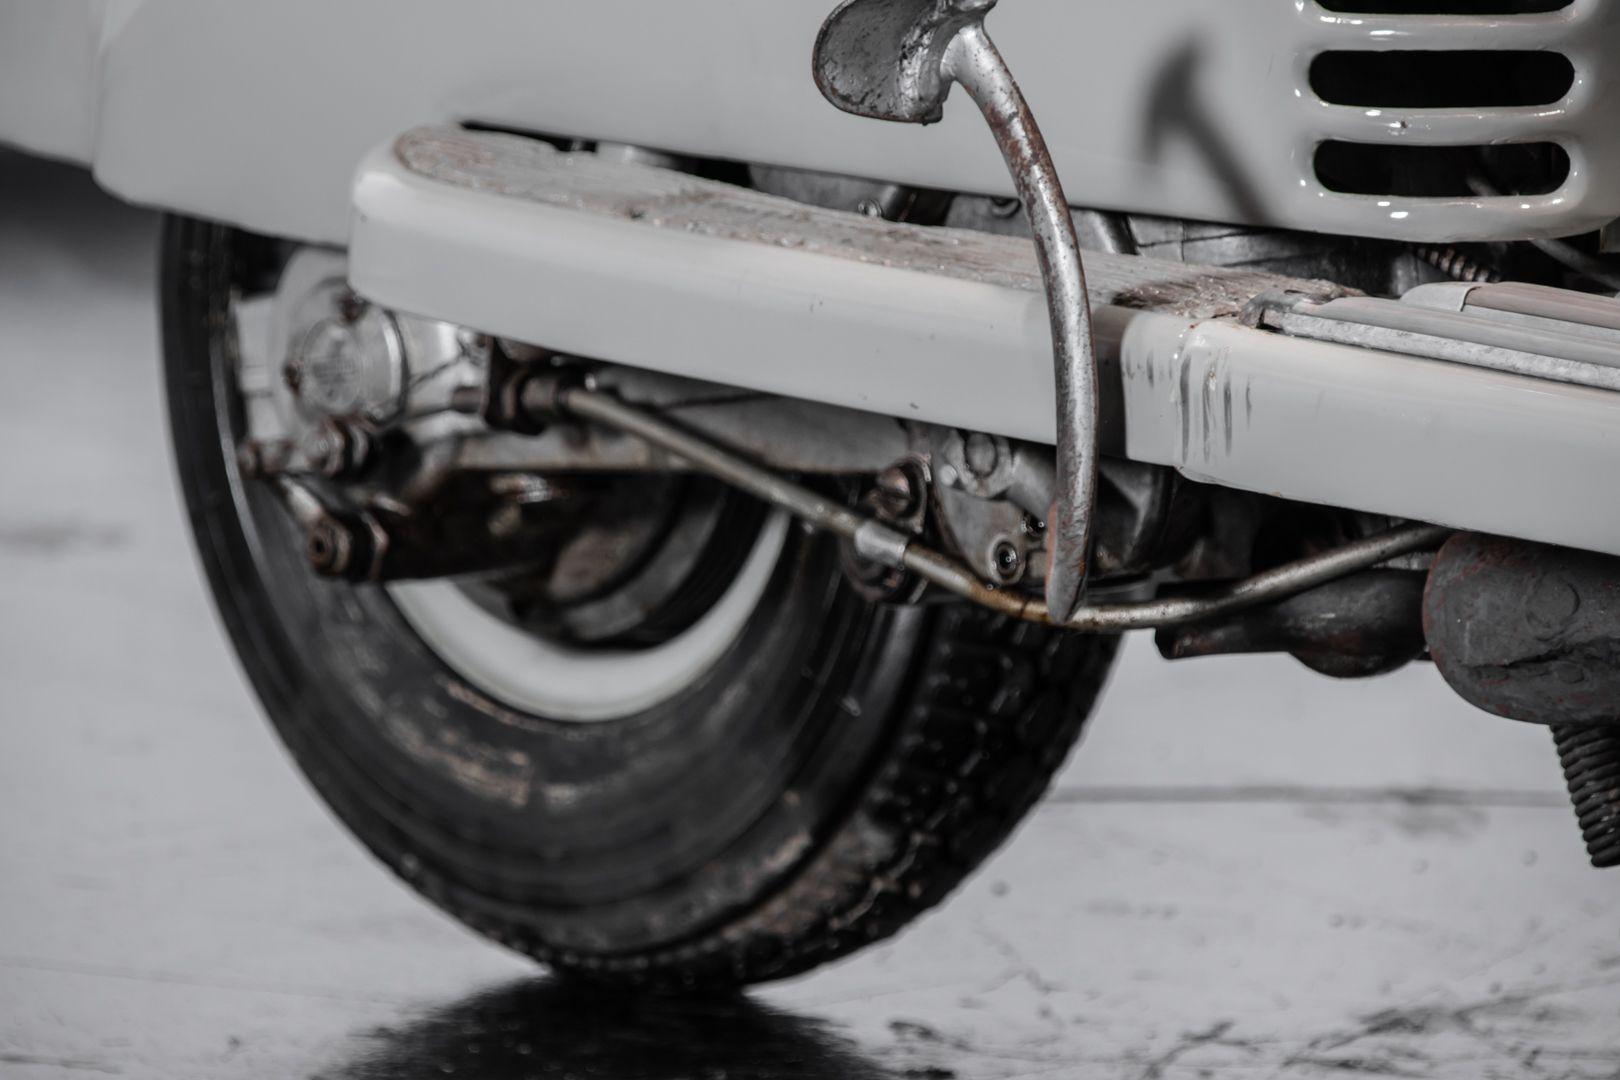 1954 Innocenti Lambretta LD125 79603